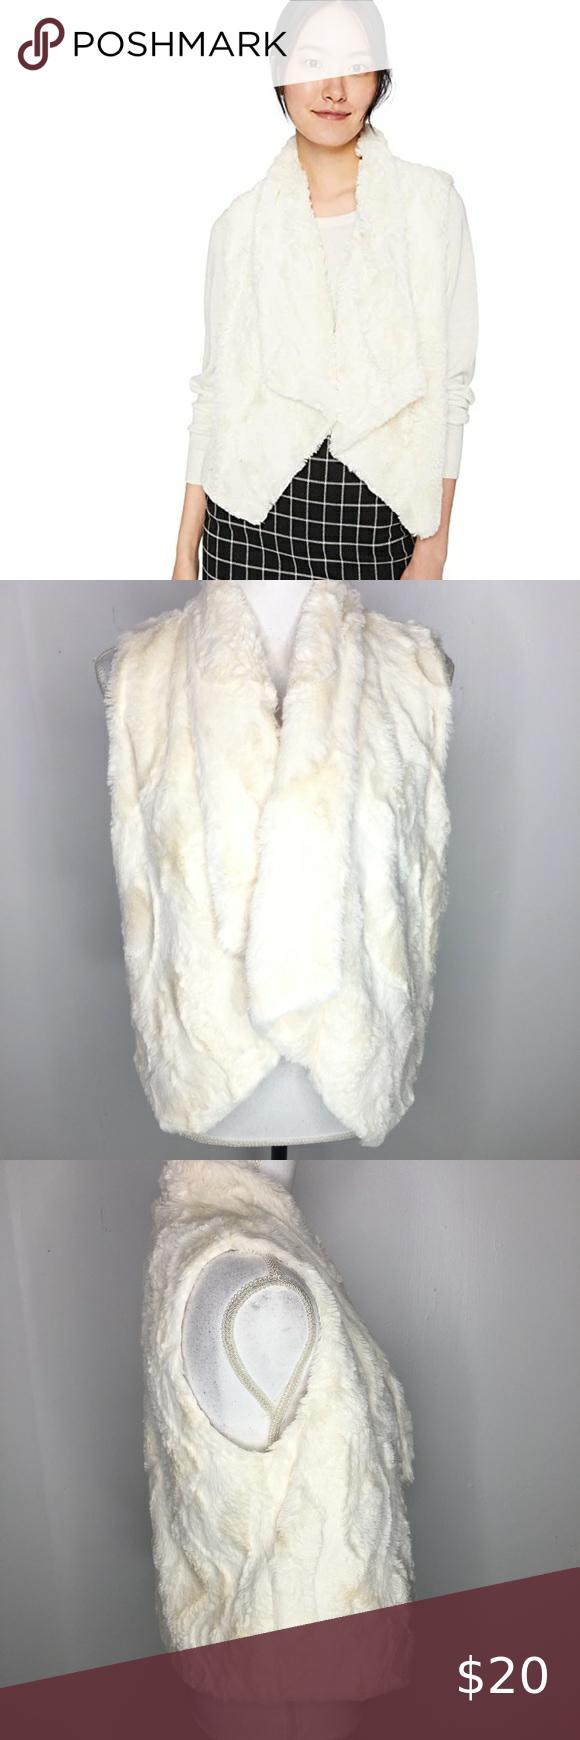 Jack By Bb Dakota White Big Softy Faux Fur In 2021 Faux Fur Vests Fur Vest Fashion [ 1740 x 580 Pixel ]